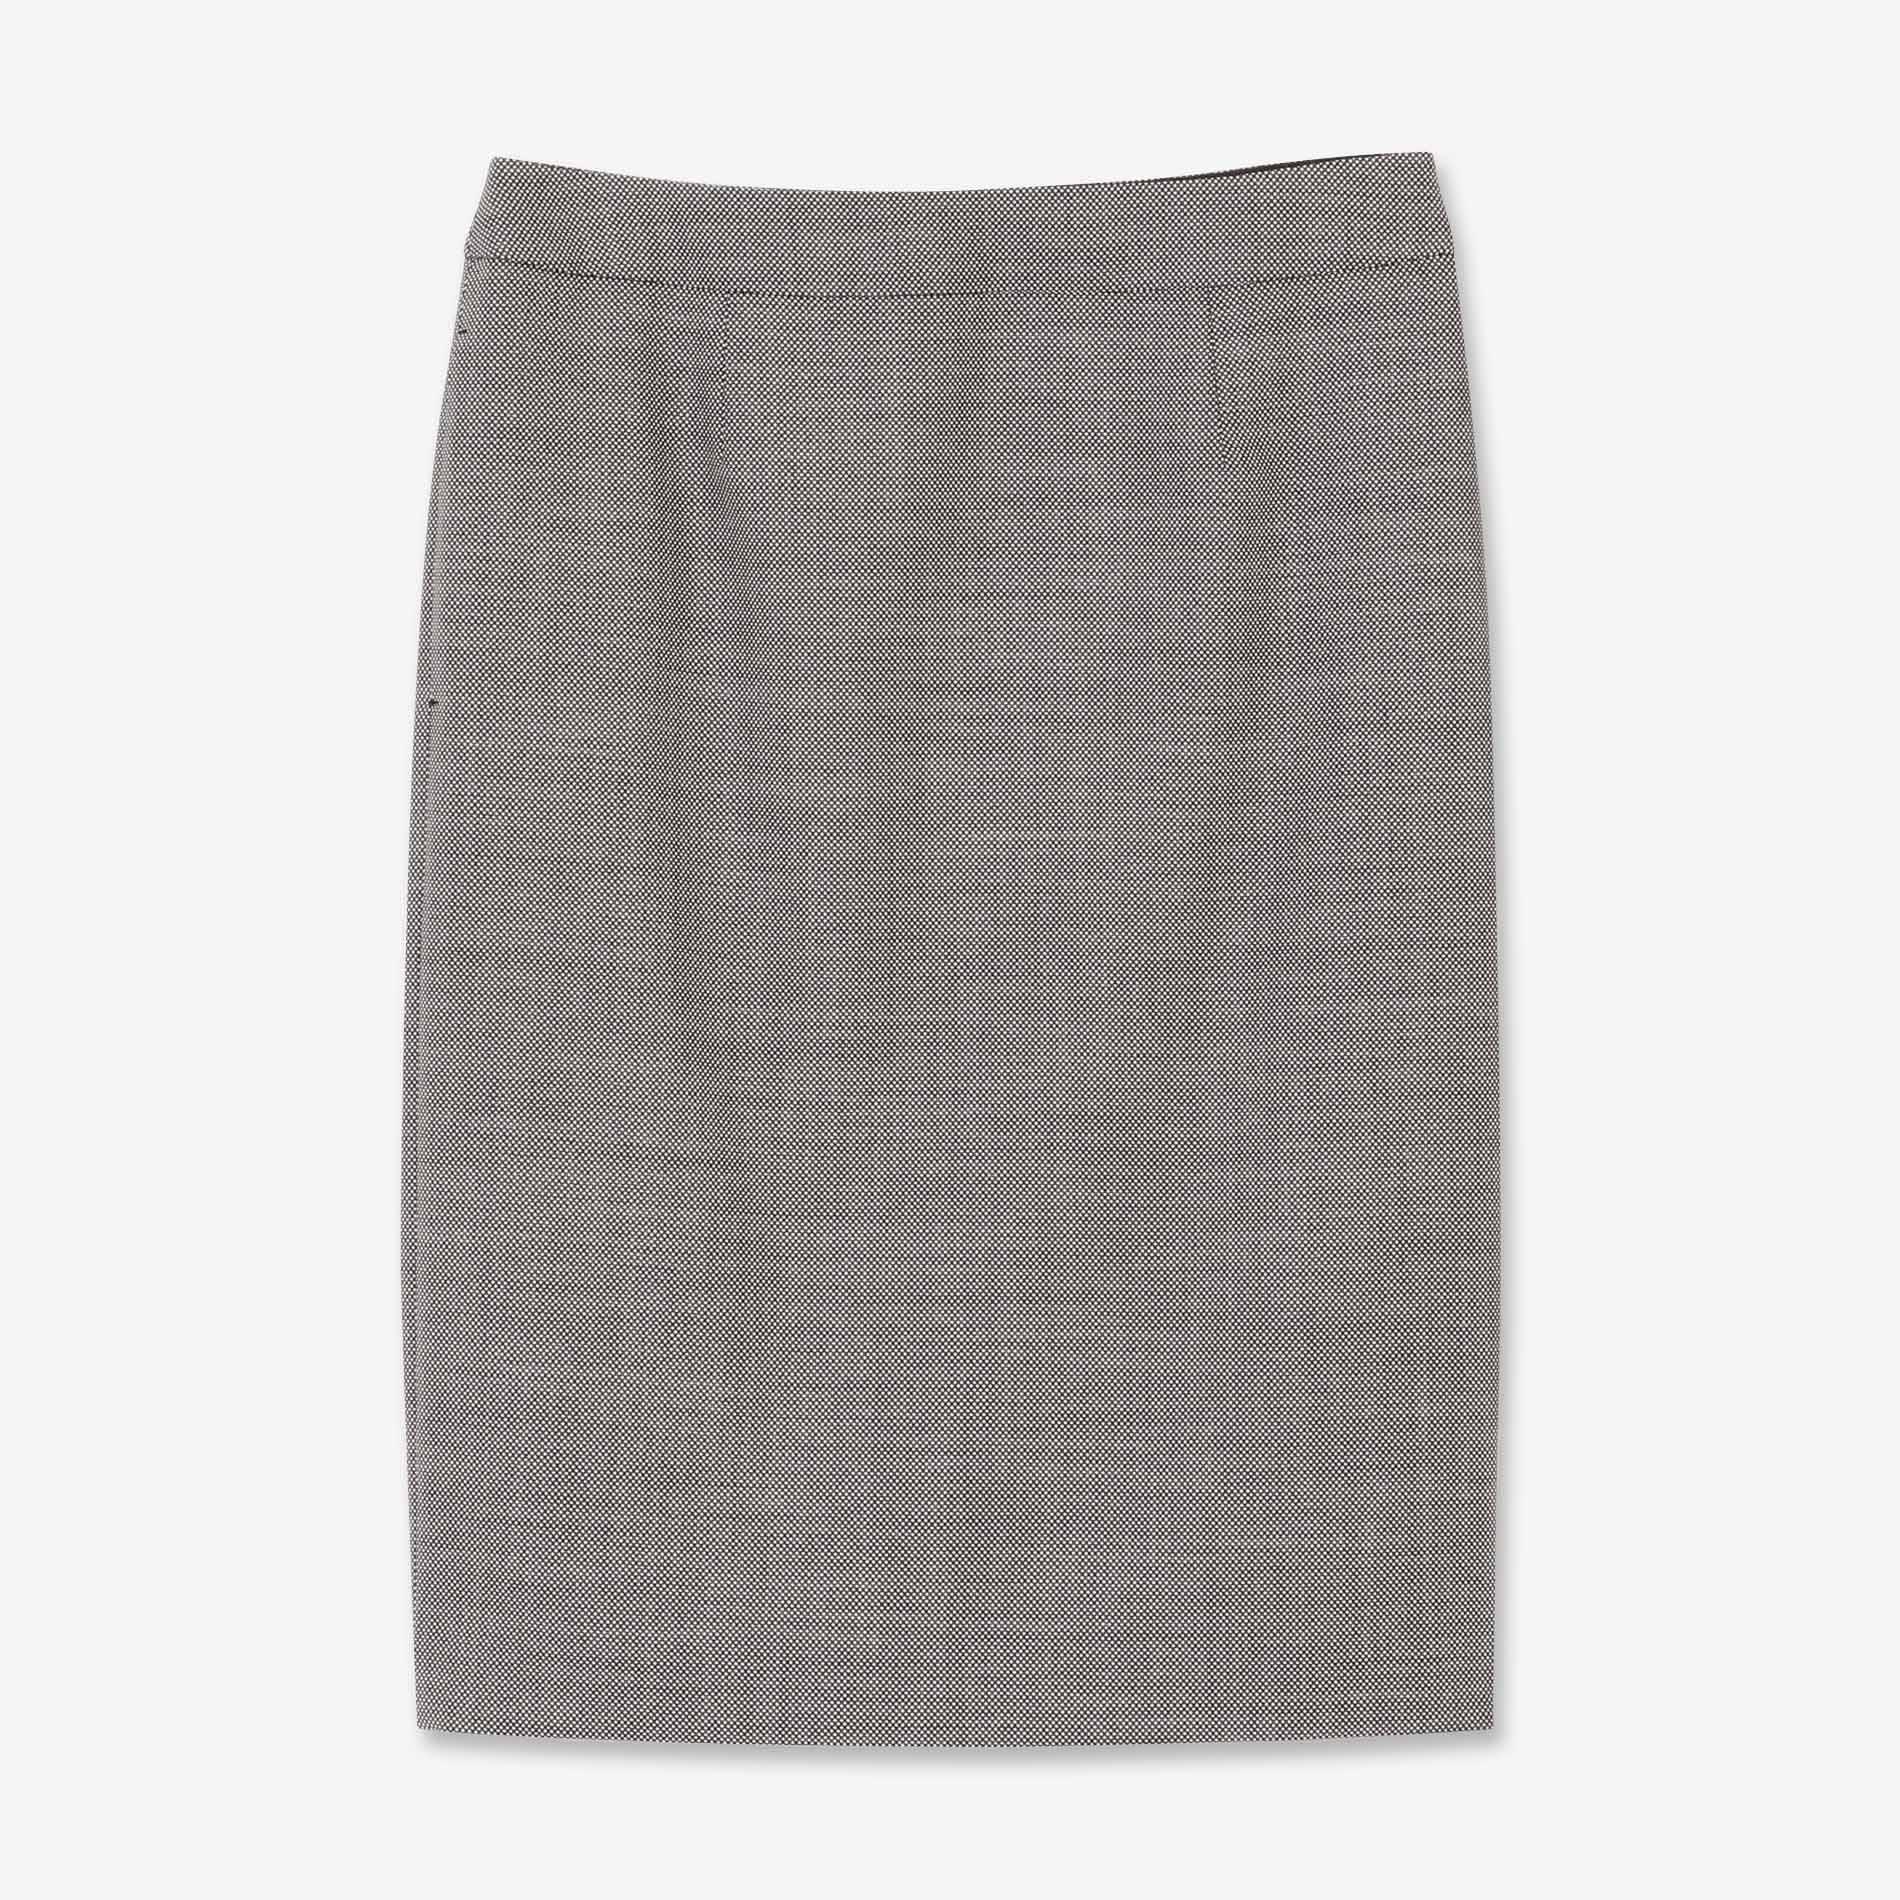 ウールシルクストレッチスカート